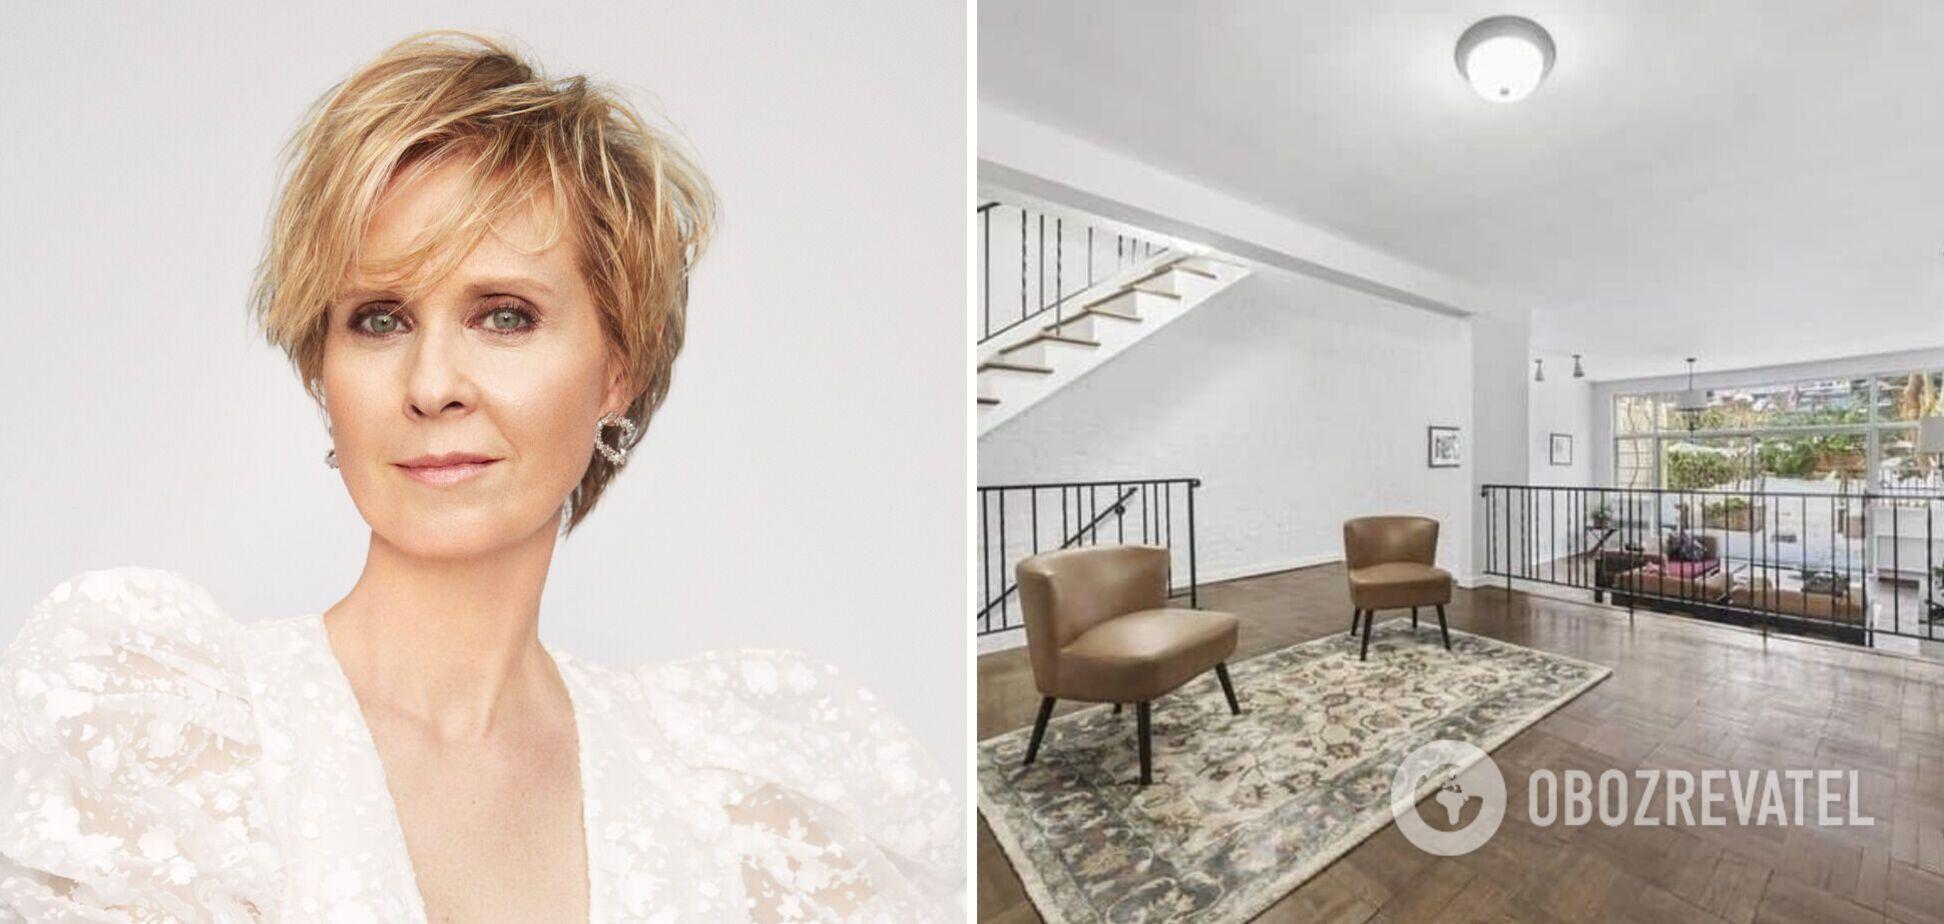 Звезда сериала 'Секс в большом городе' купила дом за 4,4 млн долларов: как он выглядит